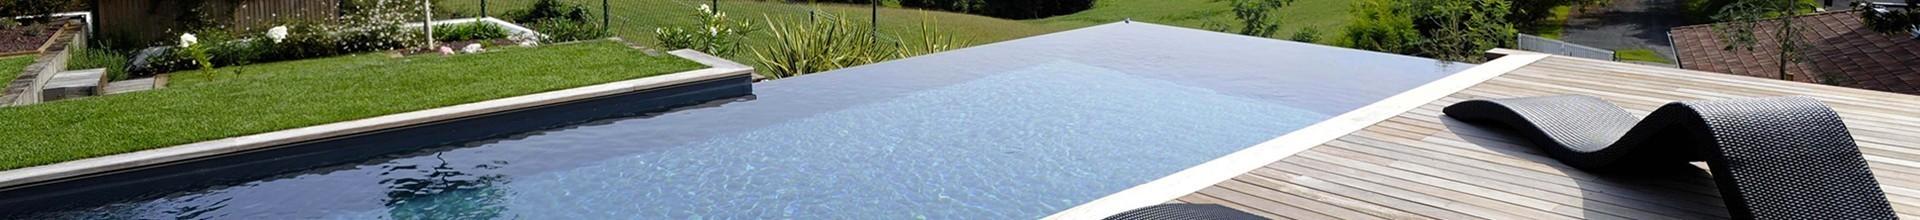 Constructeur piscine discount Pays : Allemagne